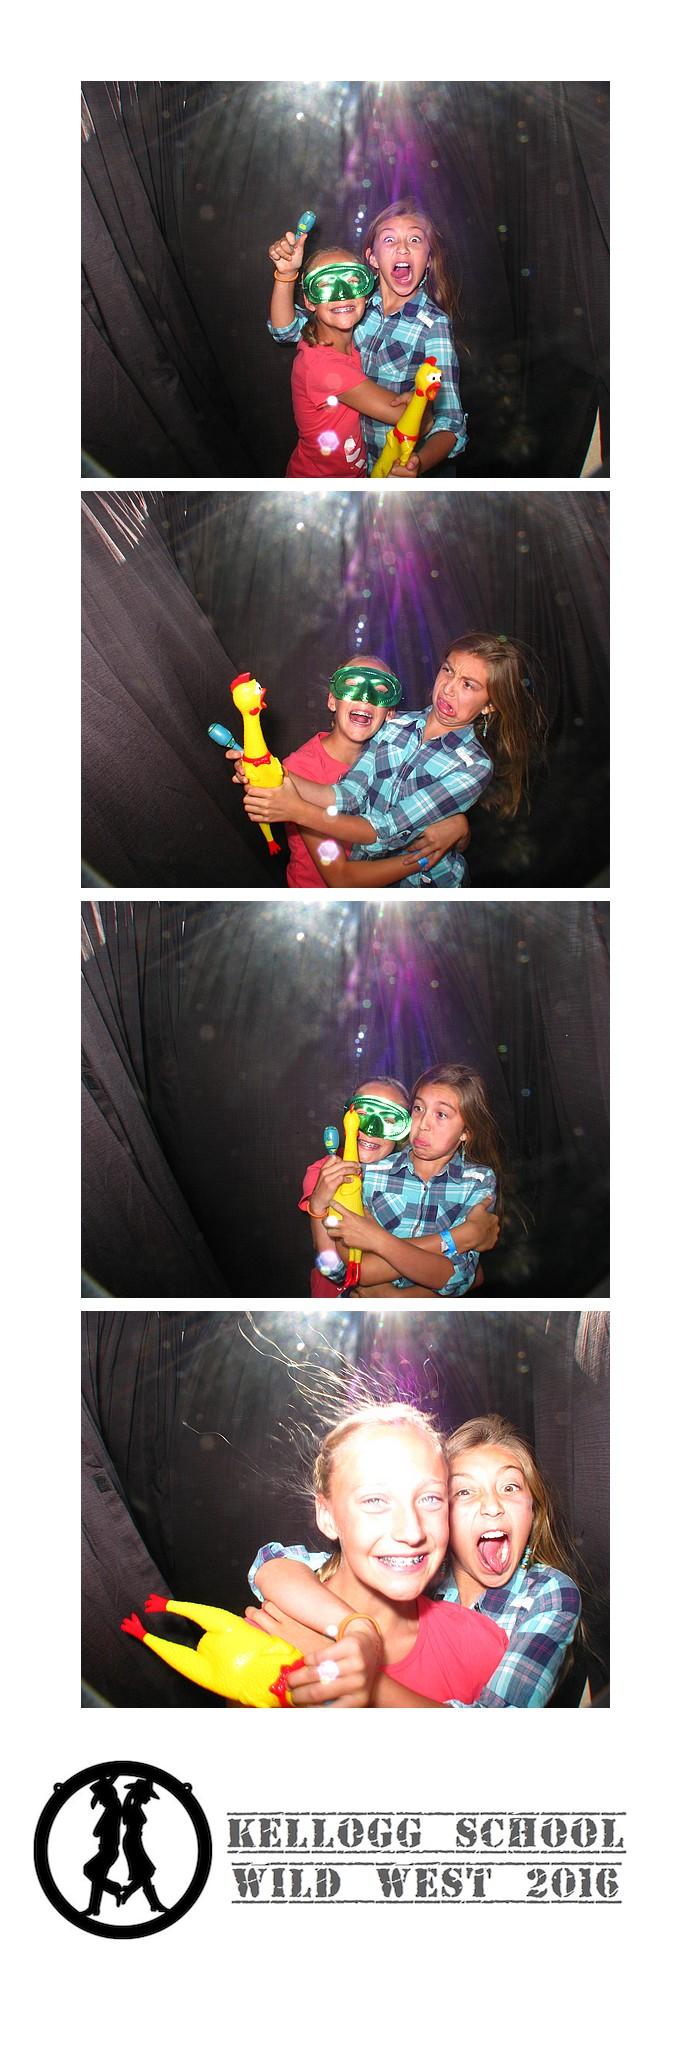 05-20-16 Kellogg School Carnival